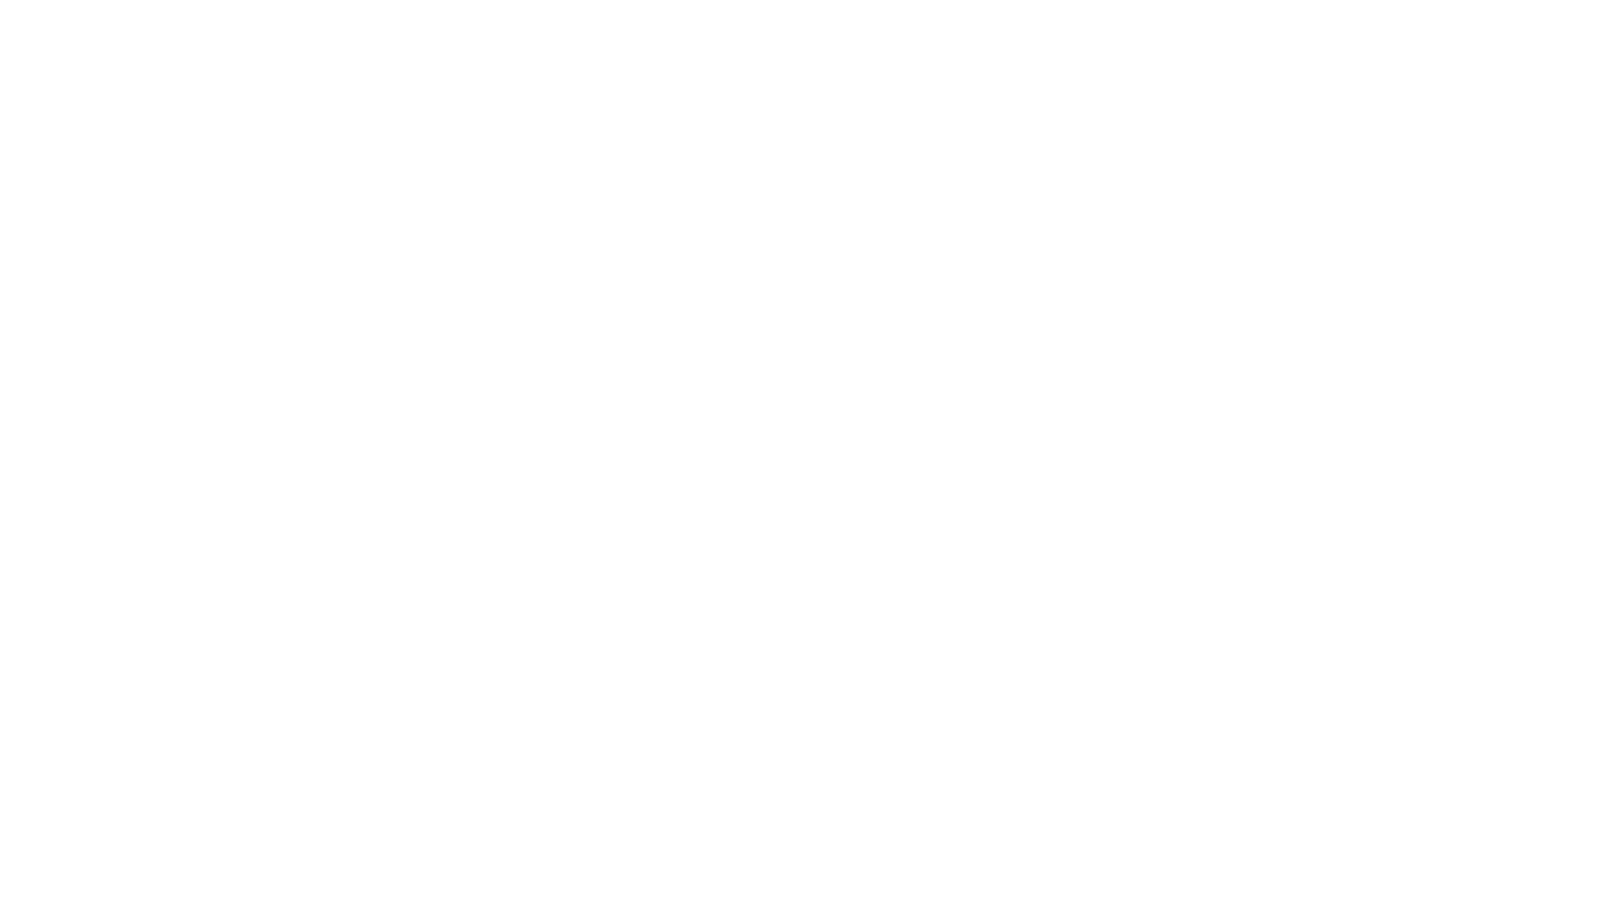 🍀 Le programme Boule de Vie vous intéresse ? En savoir plus : https://bouledevie.com 🖤 Accéder aux modules en ligne : https://bouledevie.podia.com 💌 Recevoir les emails exclusifs Boule de Vie  : https://mailchi.mp/bacf3268510b/mails_prives_boule_de_vie